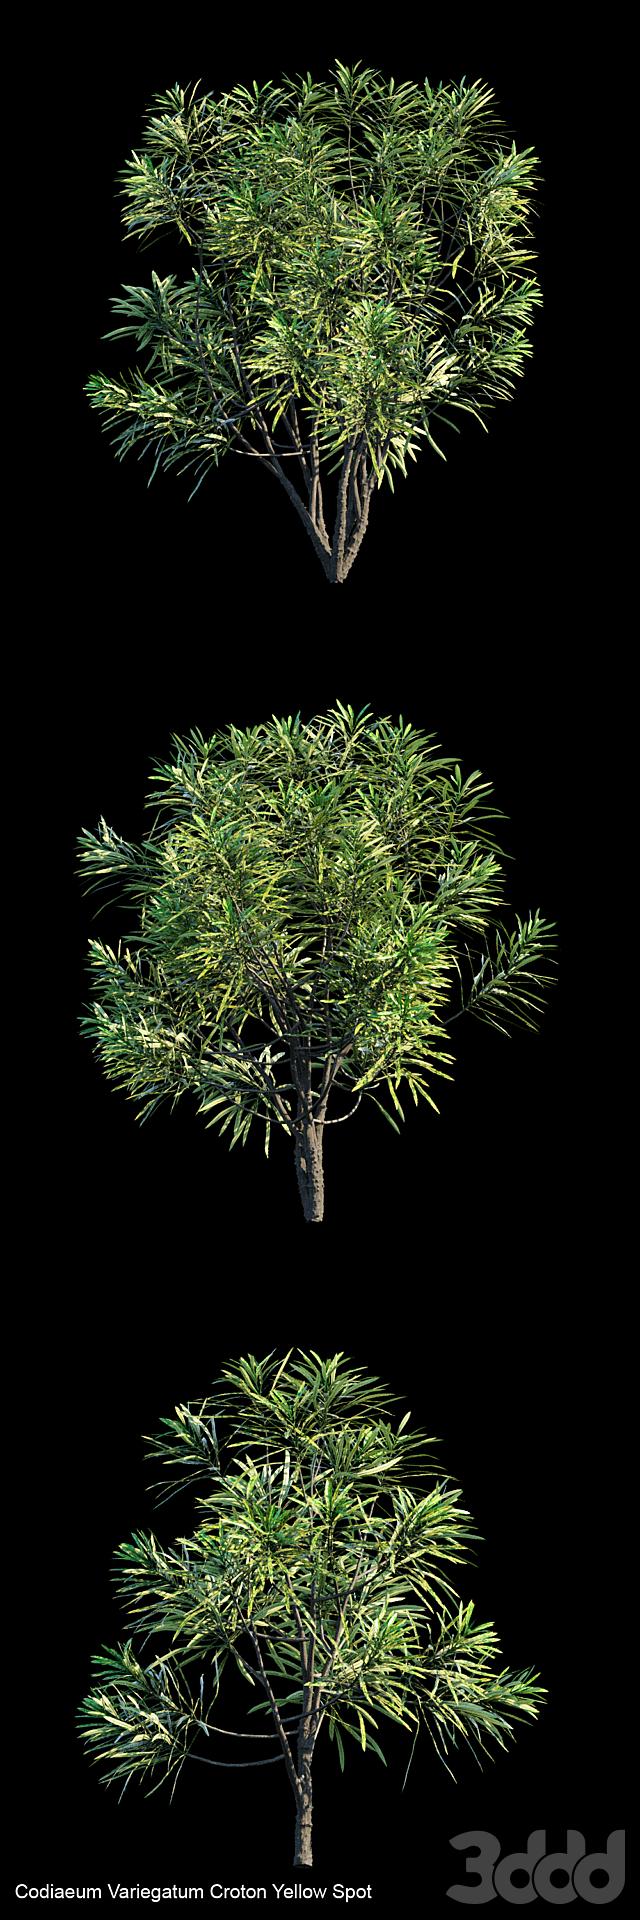 Codiaeum Variegatum Croton Yellow Spot